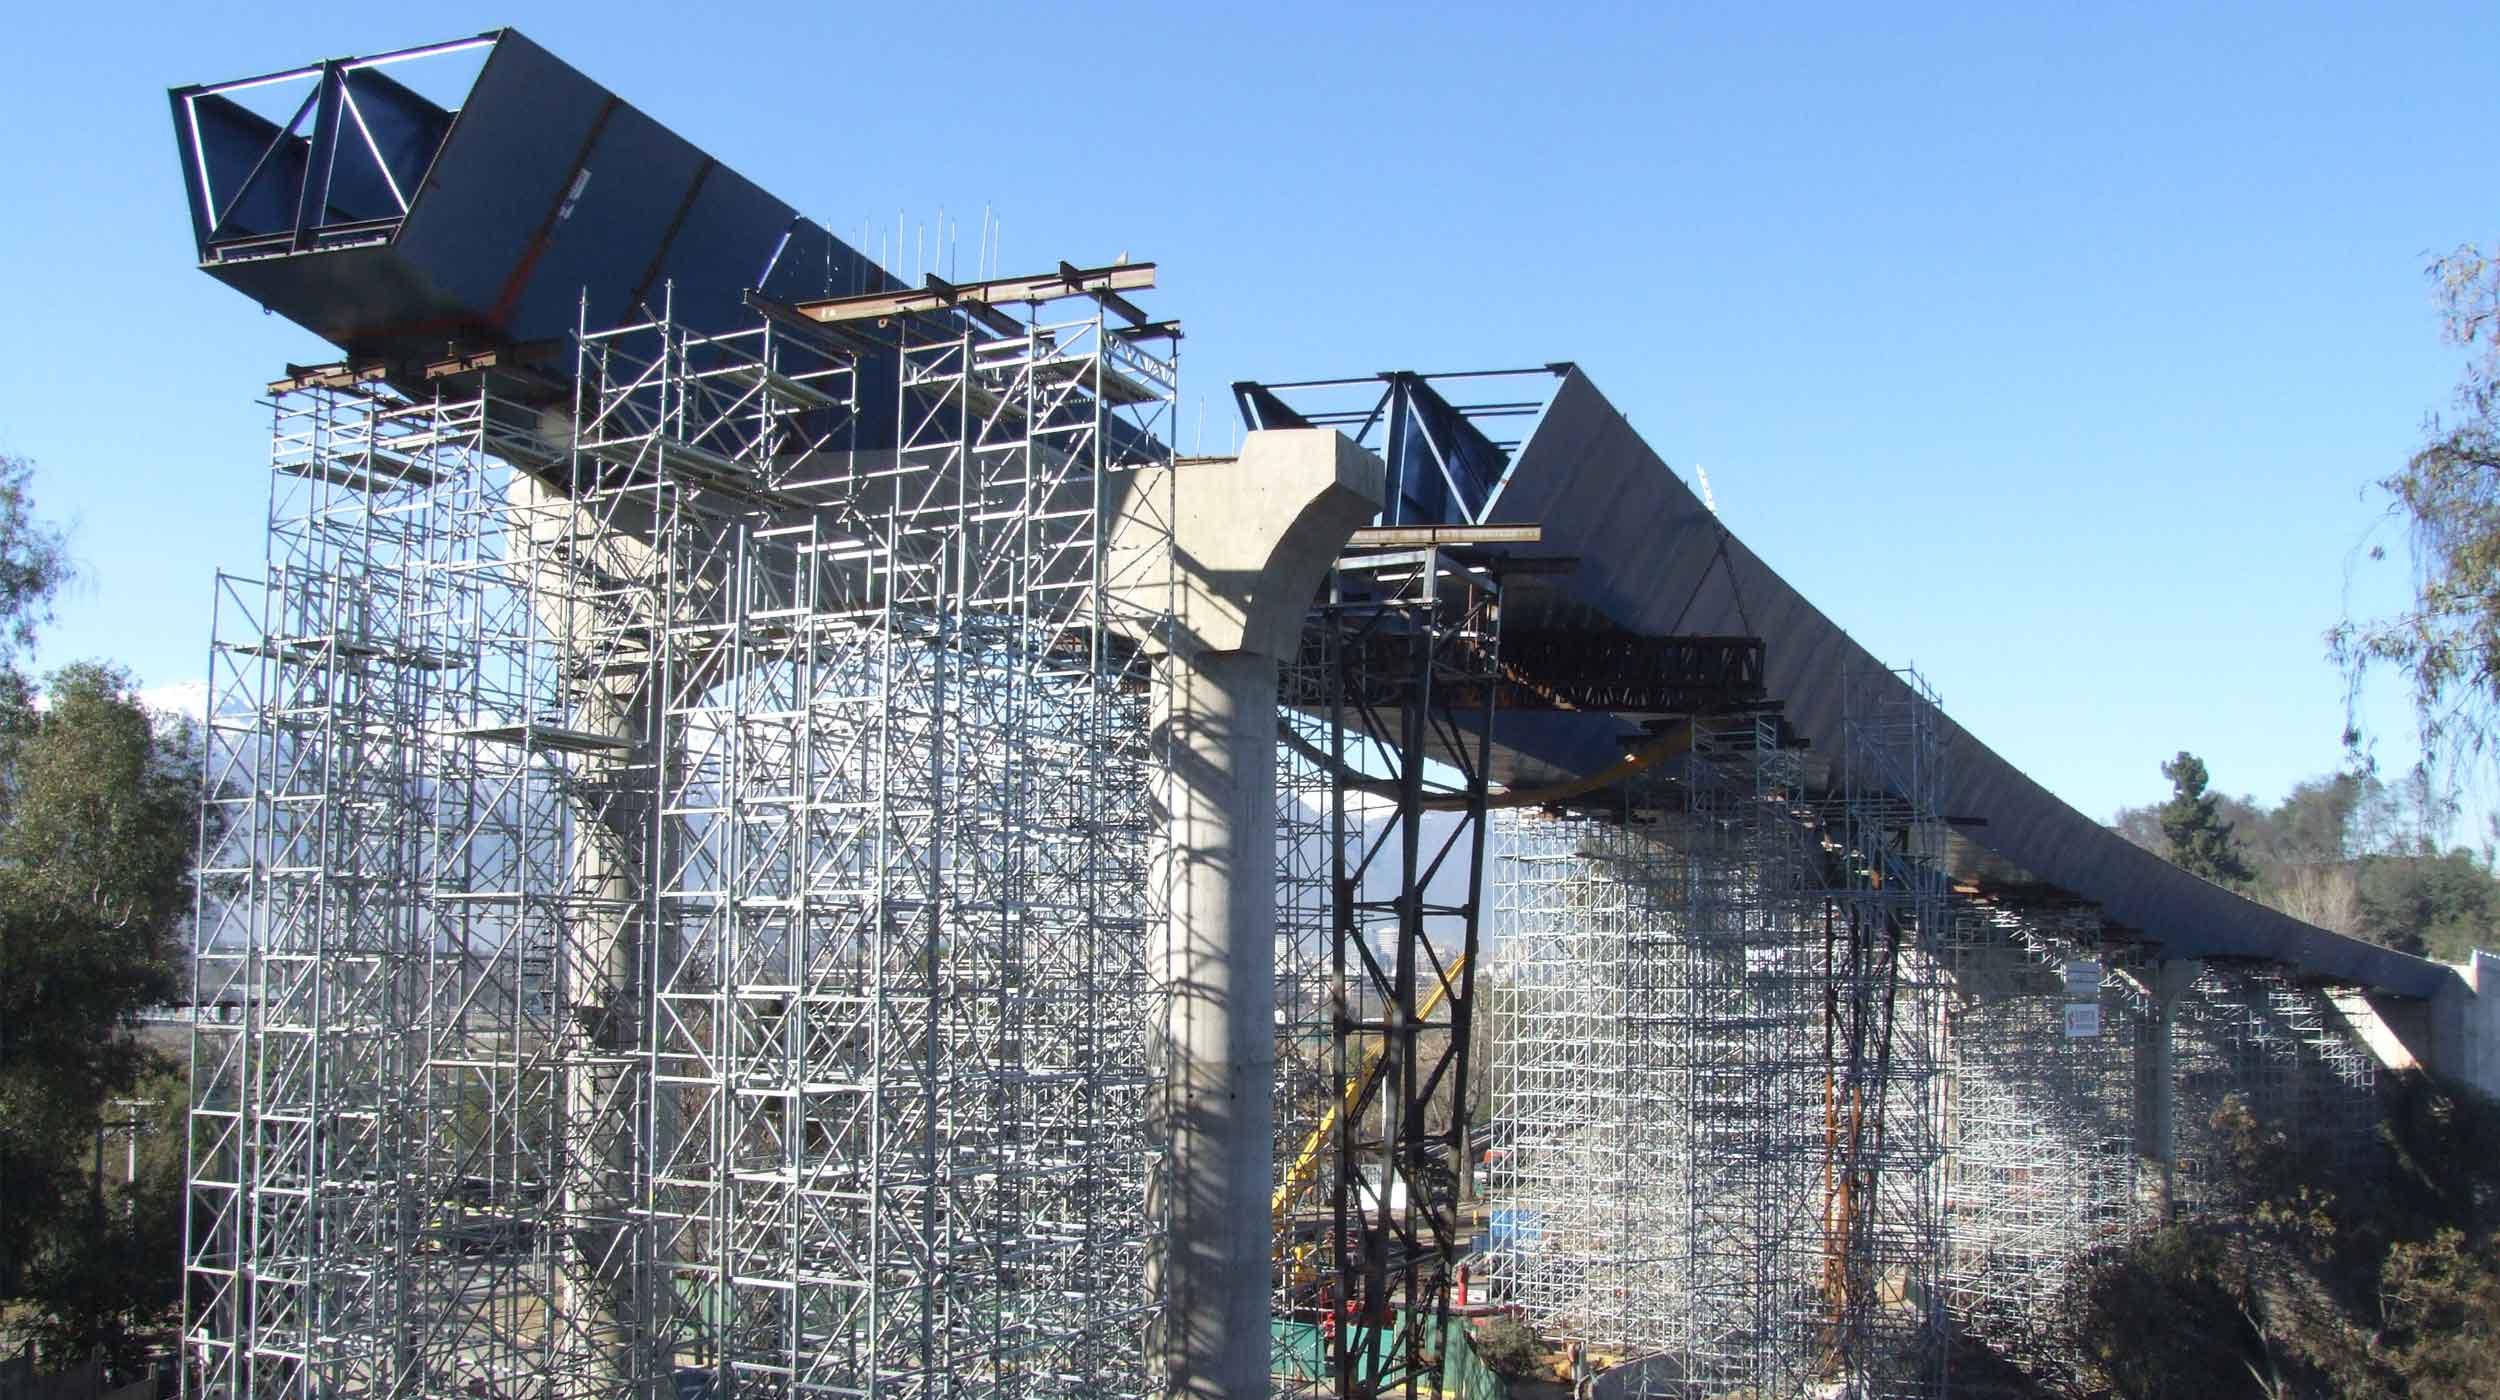 Se trata de un puente viaducto de 3 vanos de 55,9 y 60 m, medidos a lo largo del eje central del viaducto.